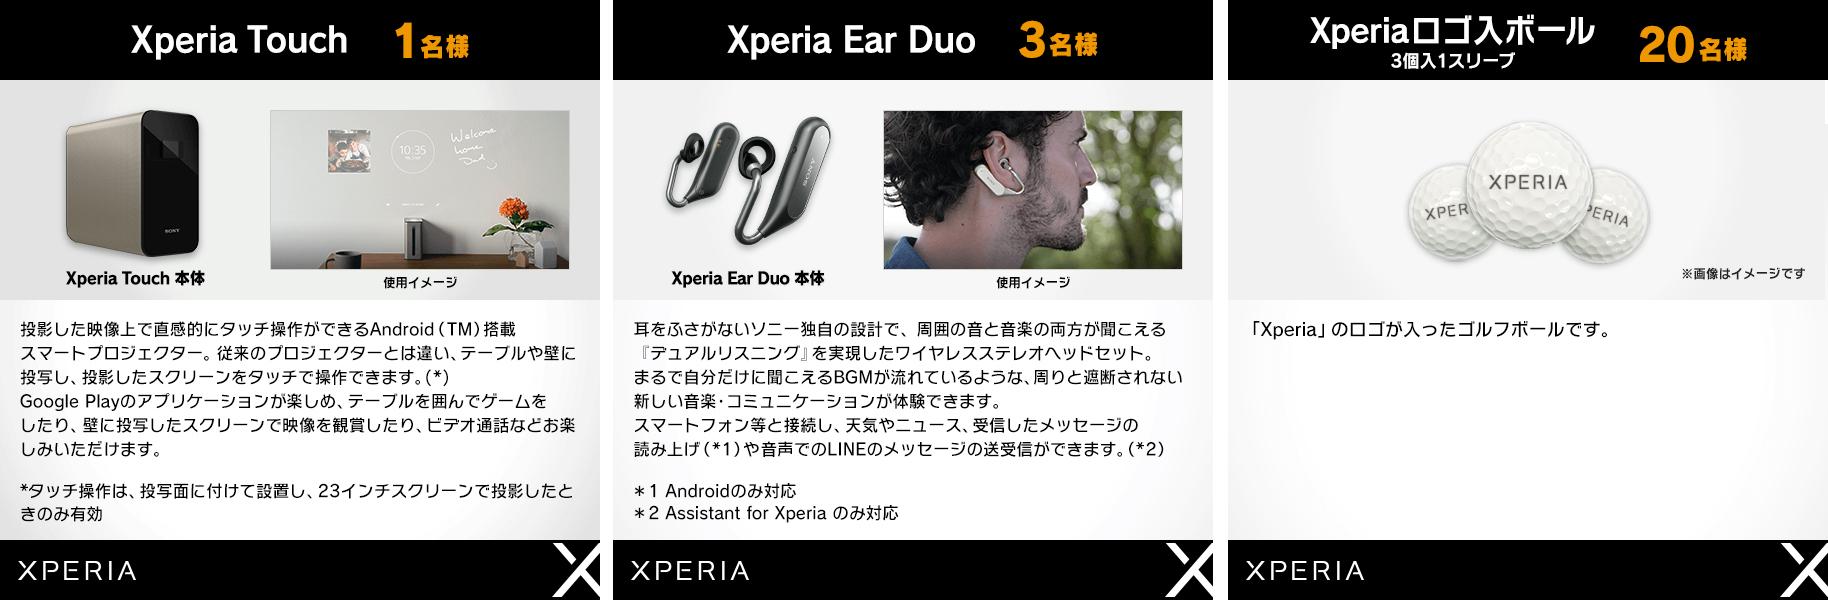 『みんゴル』でXperia Touchなど豪華賞品が当たる「Xperiaオープン」を実施!